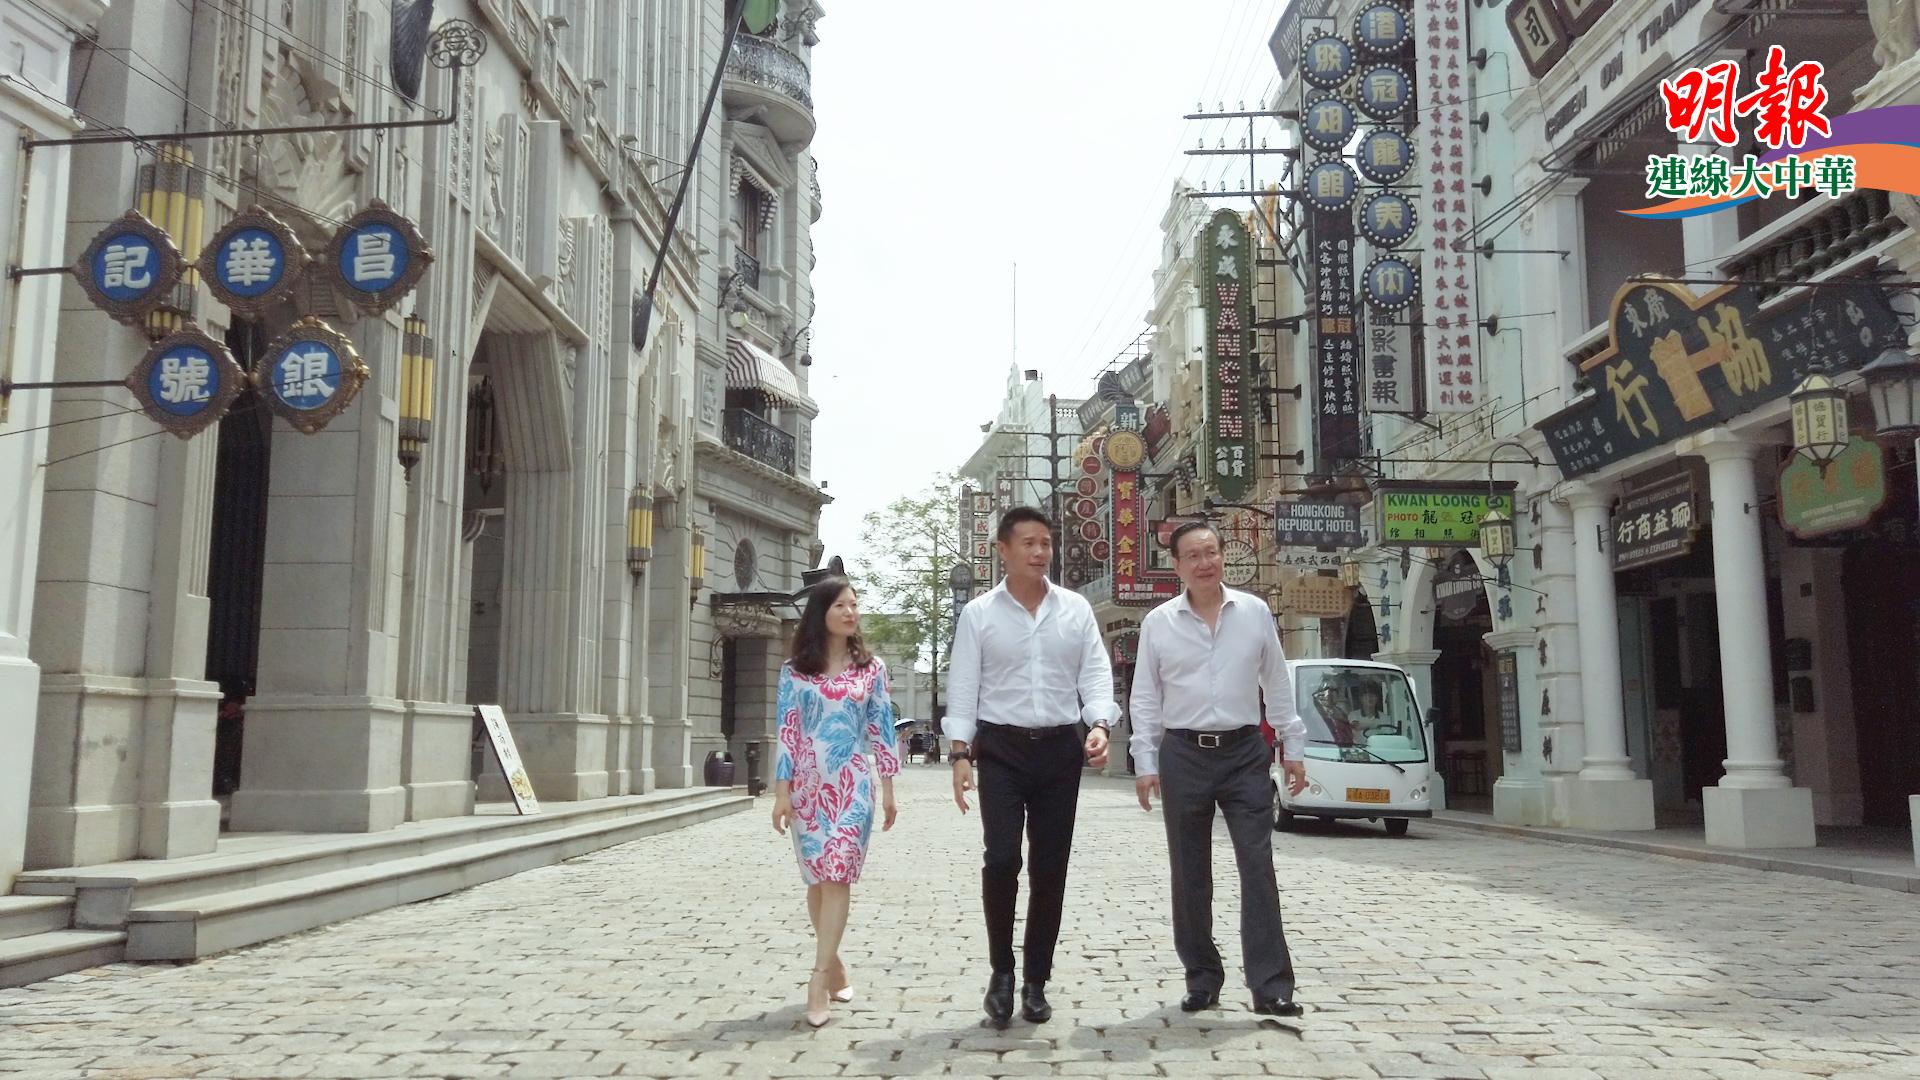 【連線大中華】徜徉歷史文化 漫步老城風情